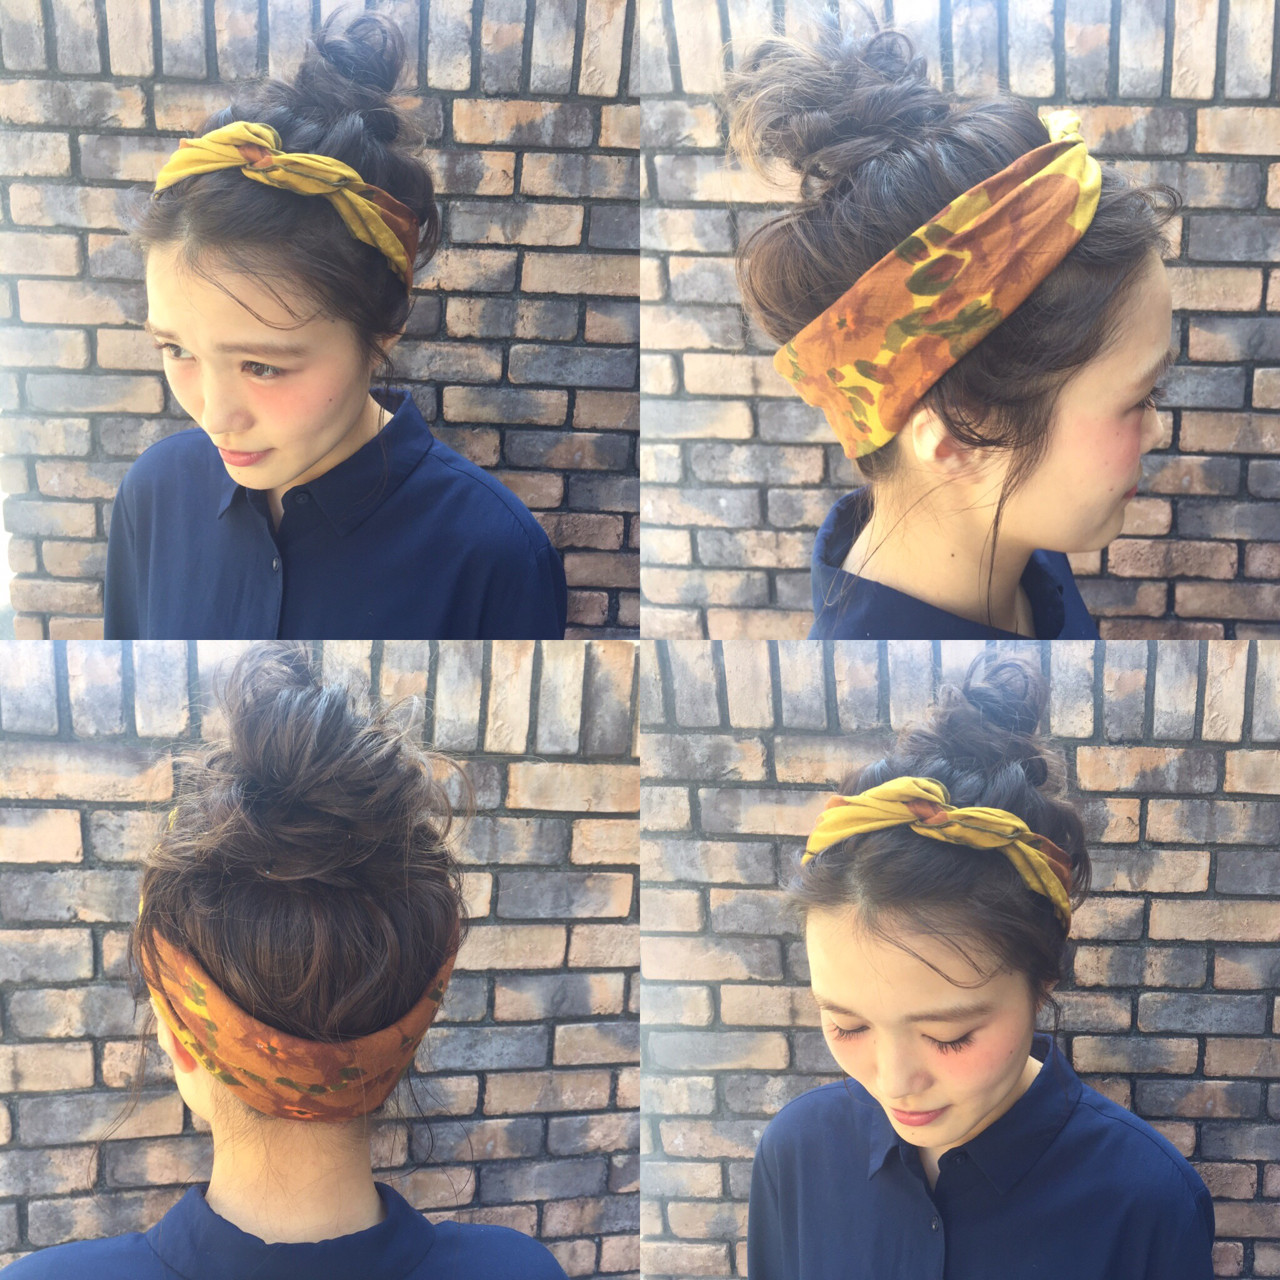 ヘアアレンジ ピュア アッシュ ナチュラル ヘアスタイルや髪型の写真・画像 | 坂本圭太朗 / bado